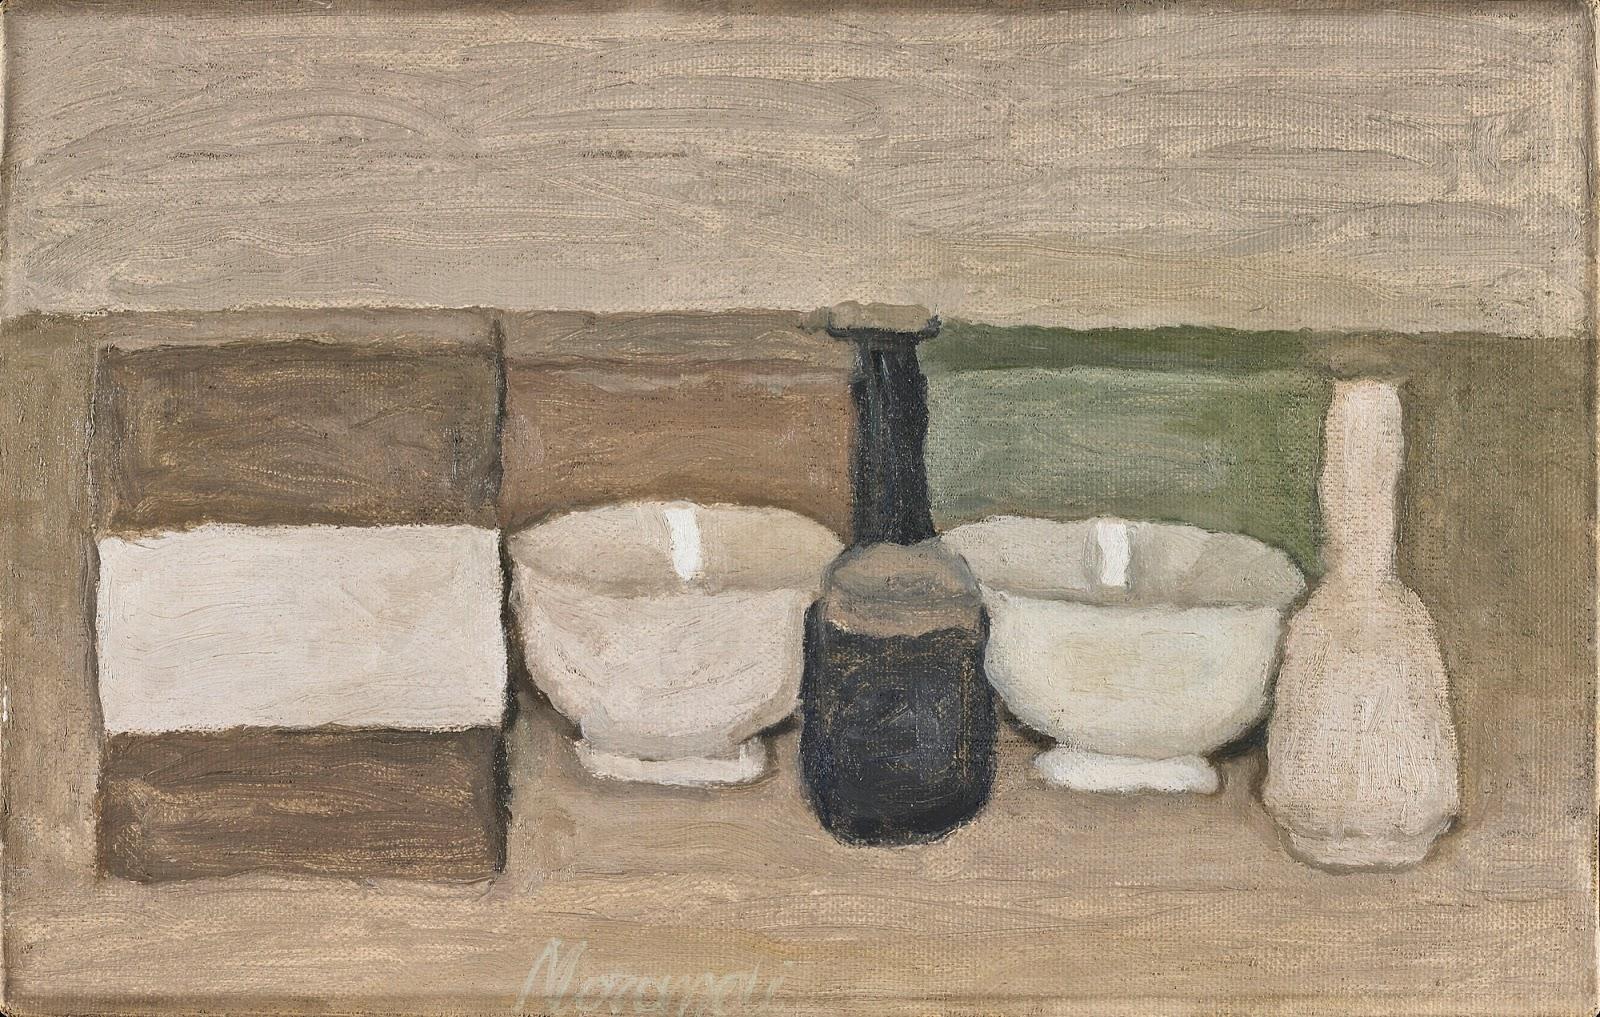 Giorgio Morandi, 12 Artists, 12 Days